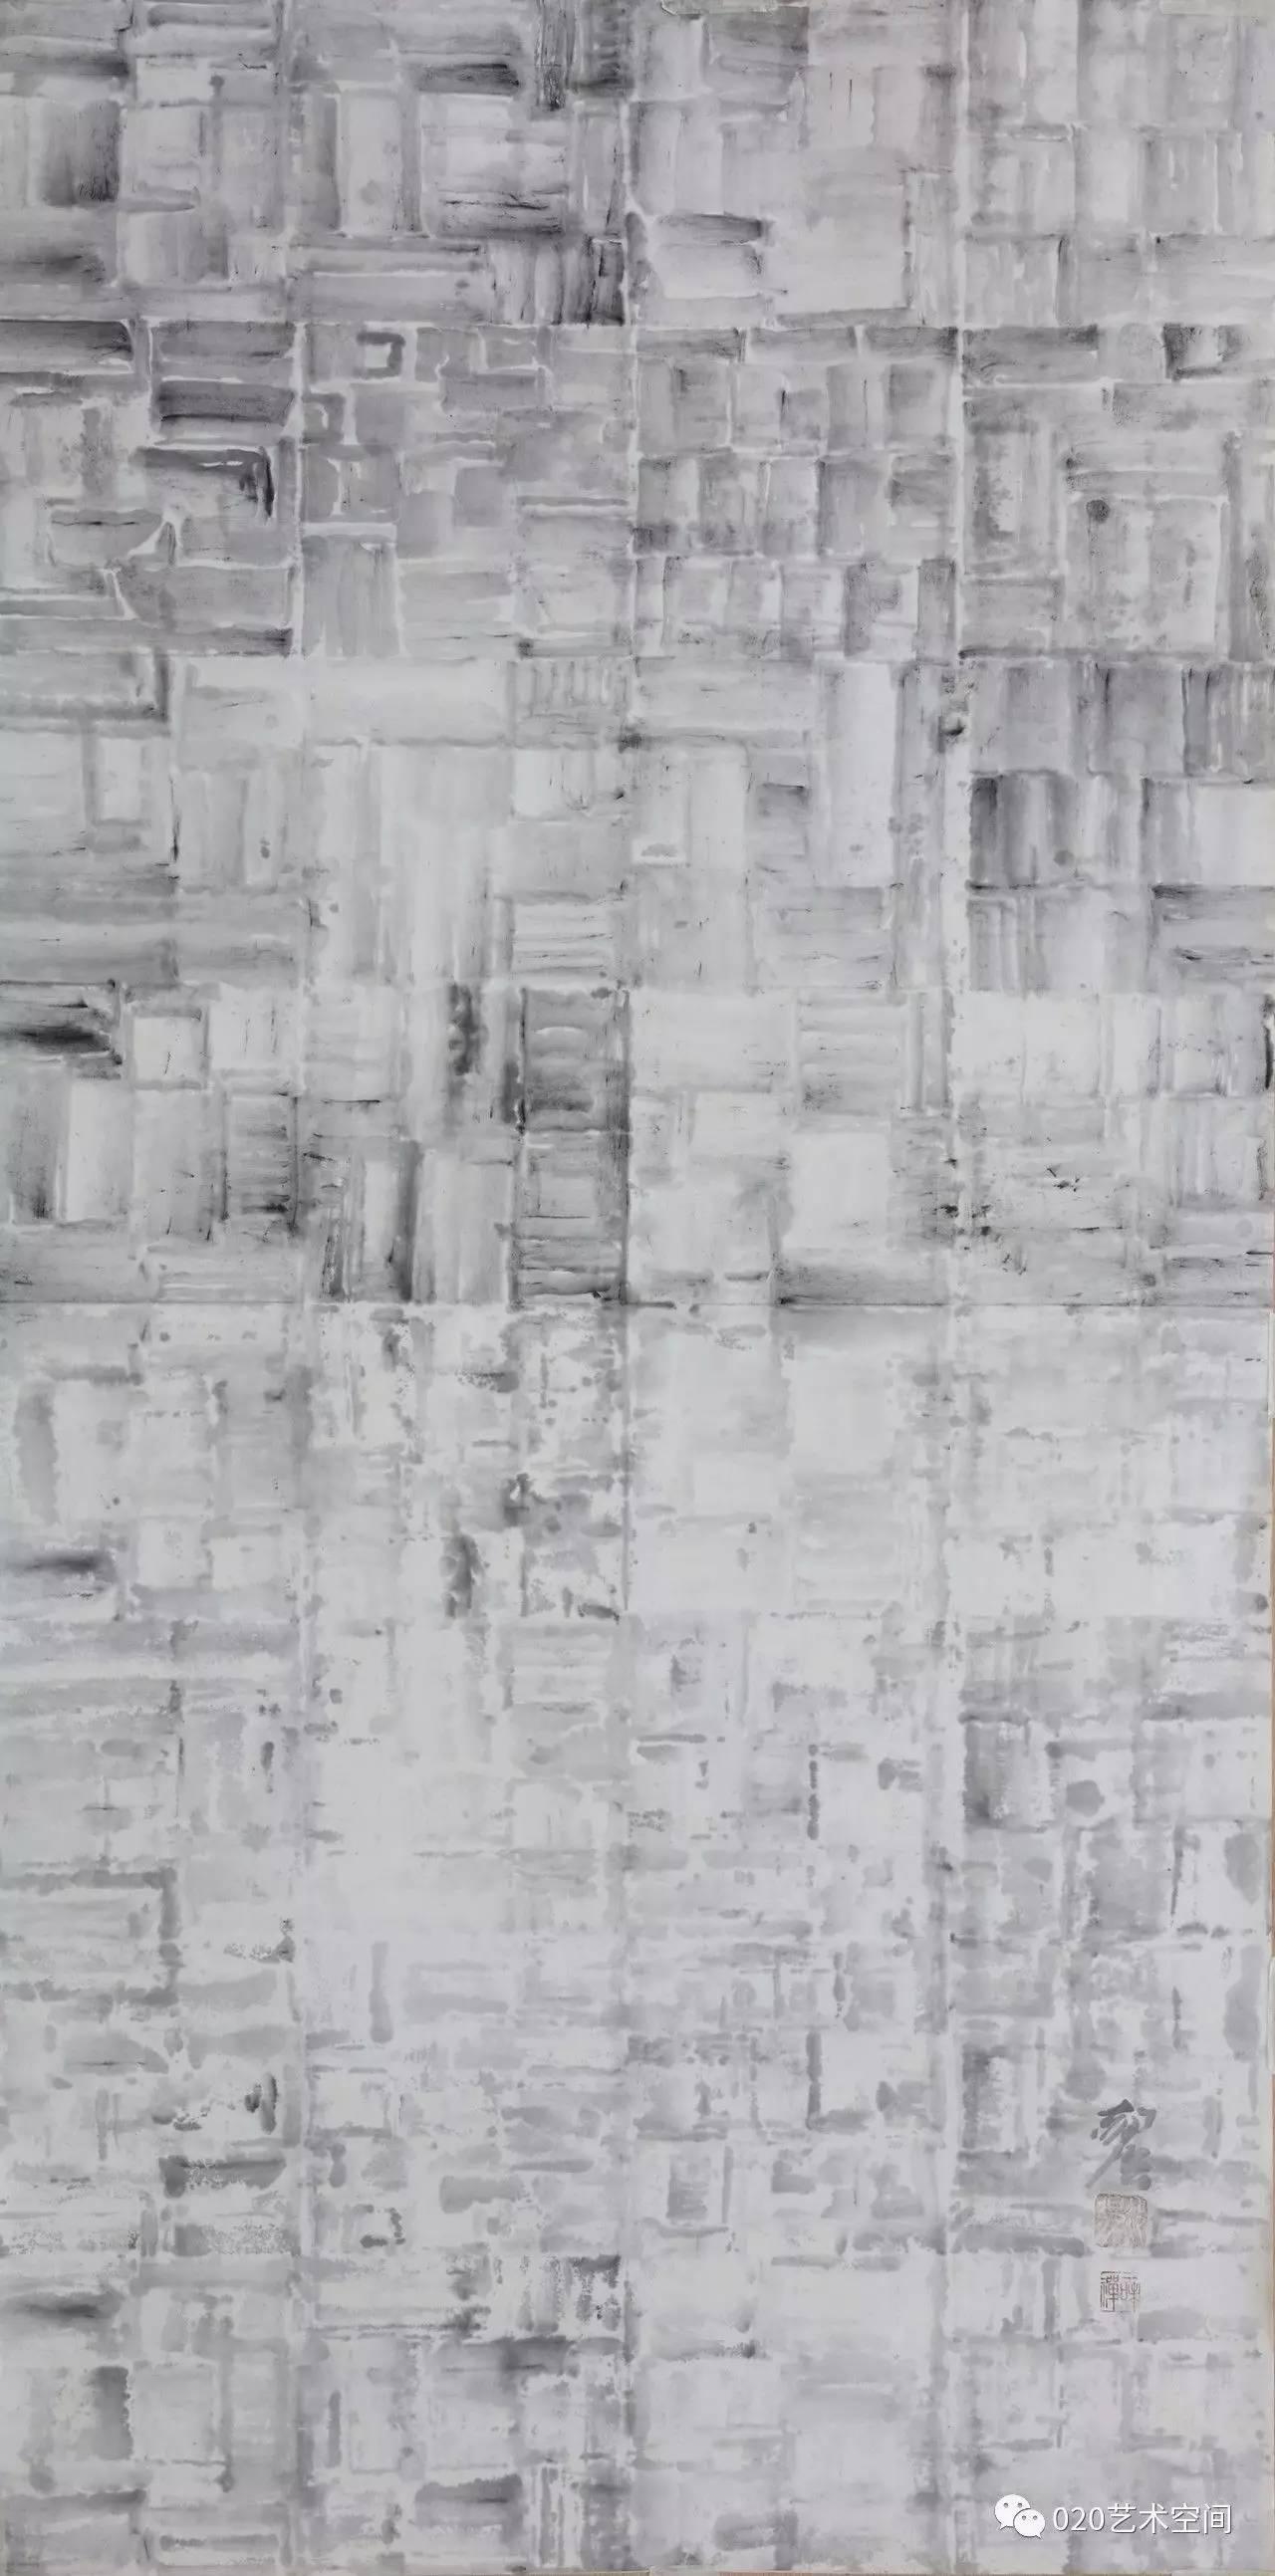 郝强 抽象水墨 作品欣赏